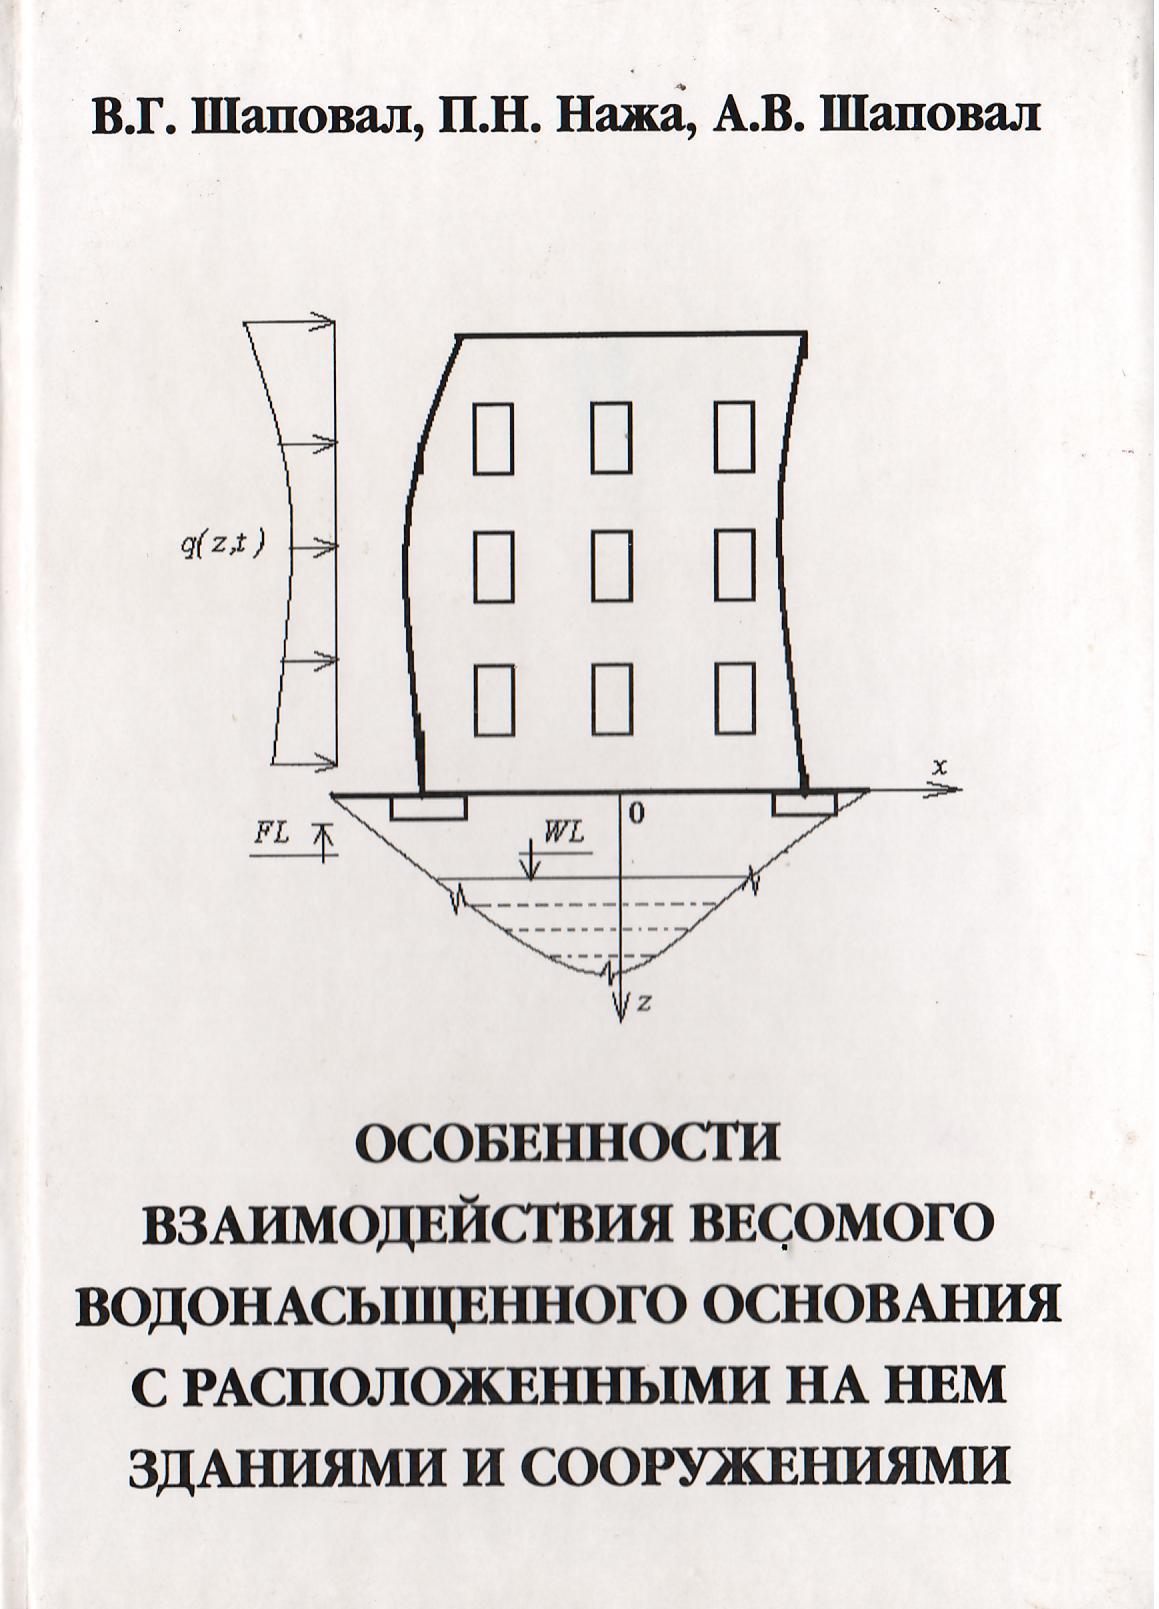 Особенности взаимодействия весомого водонасыщенного основания с расположенными на нем зданиями и сооружениями